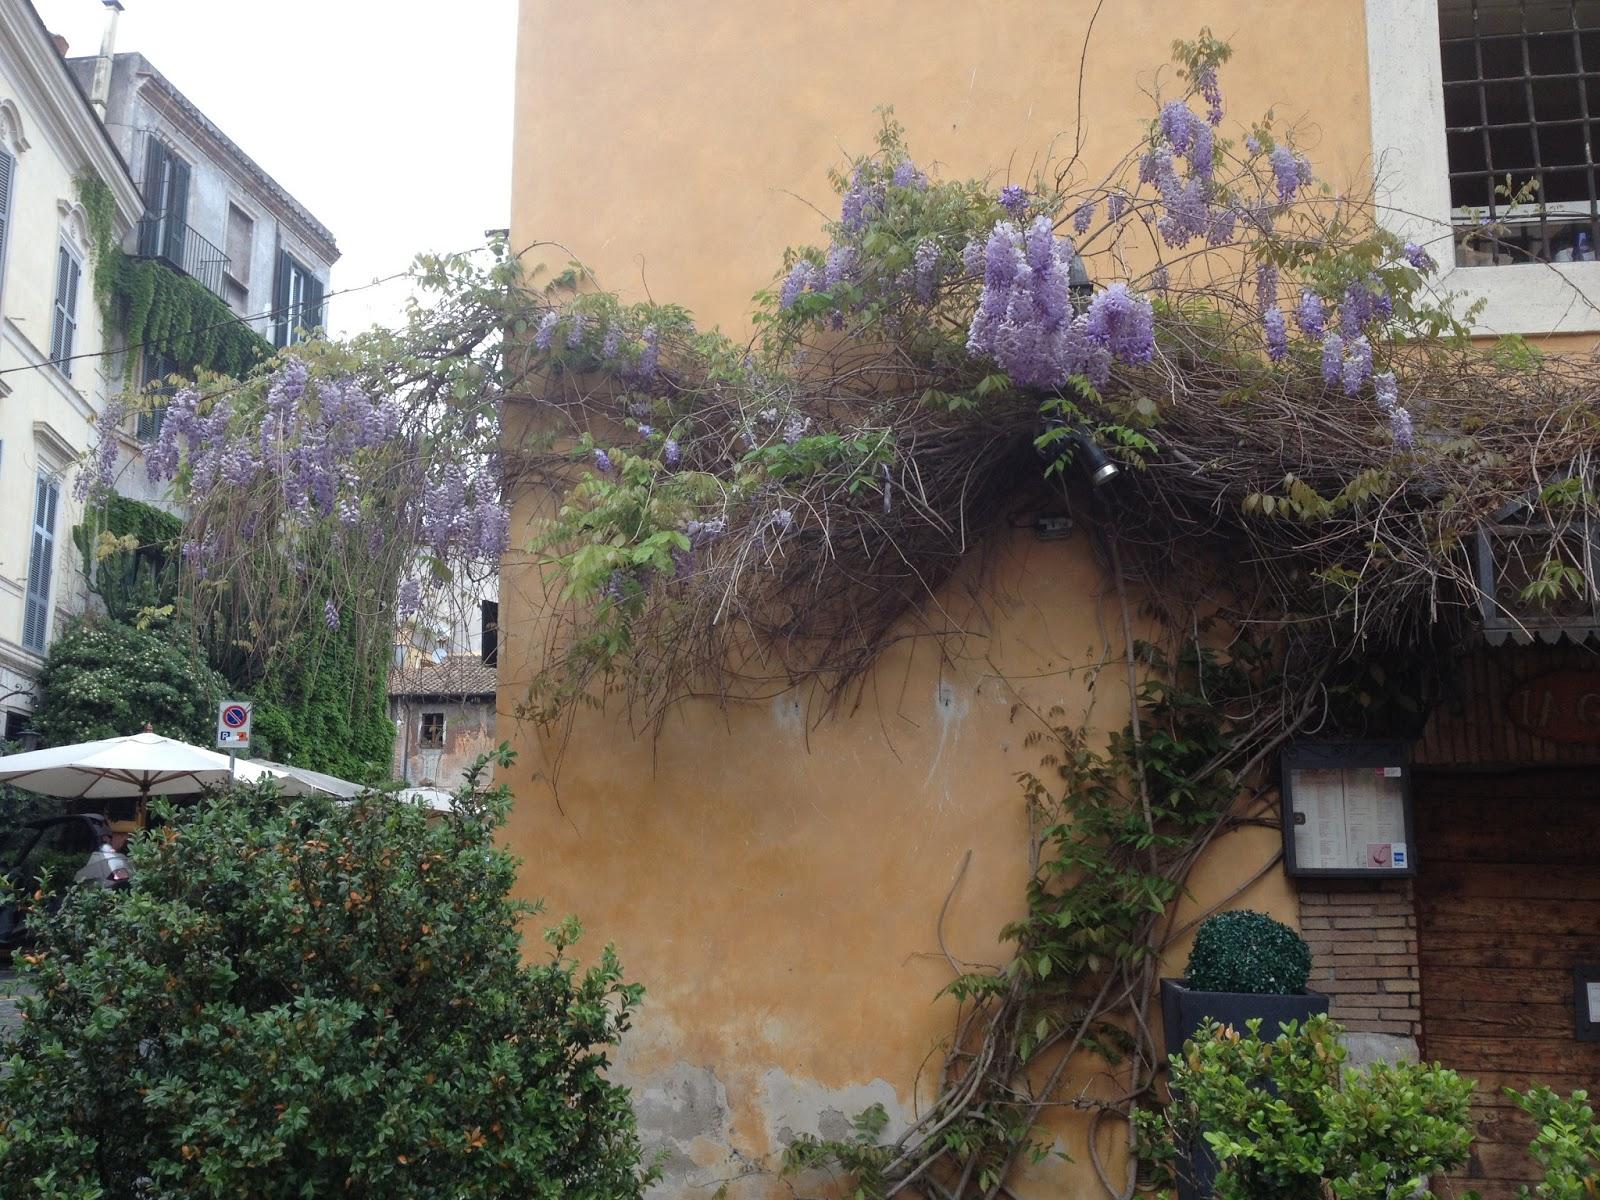 Wisteria in Trastevere. © Tiffany Parks